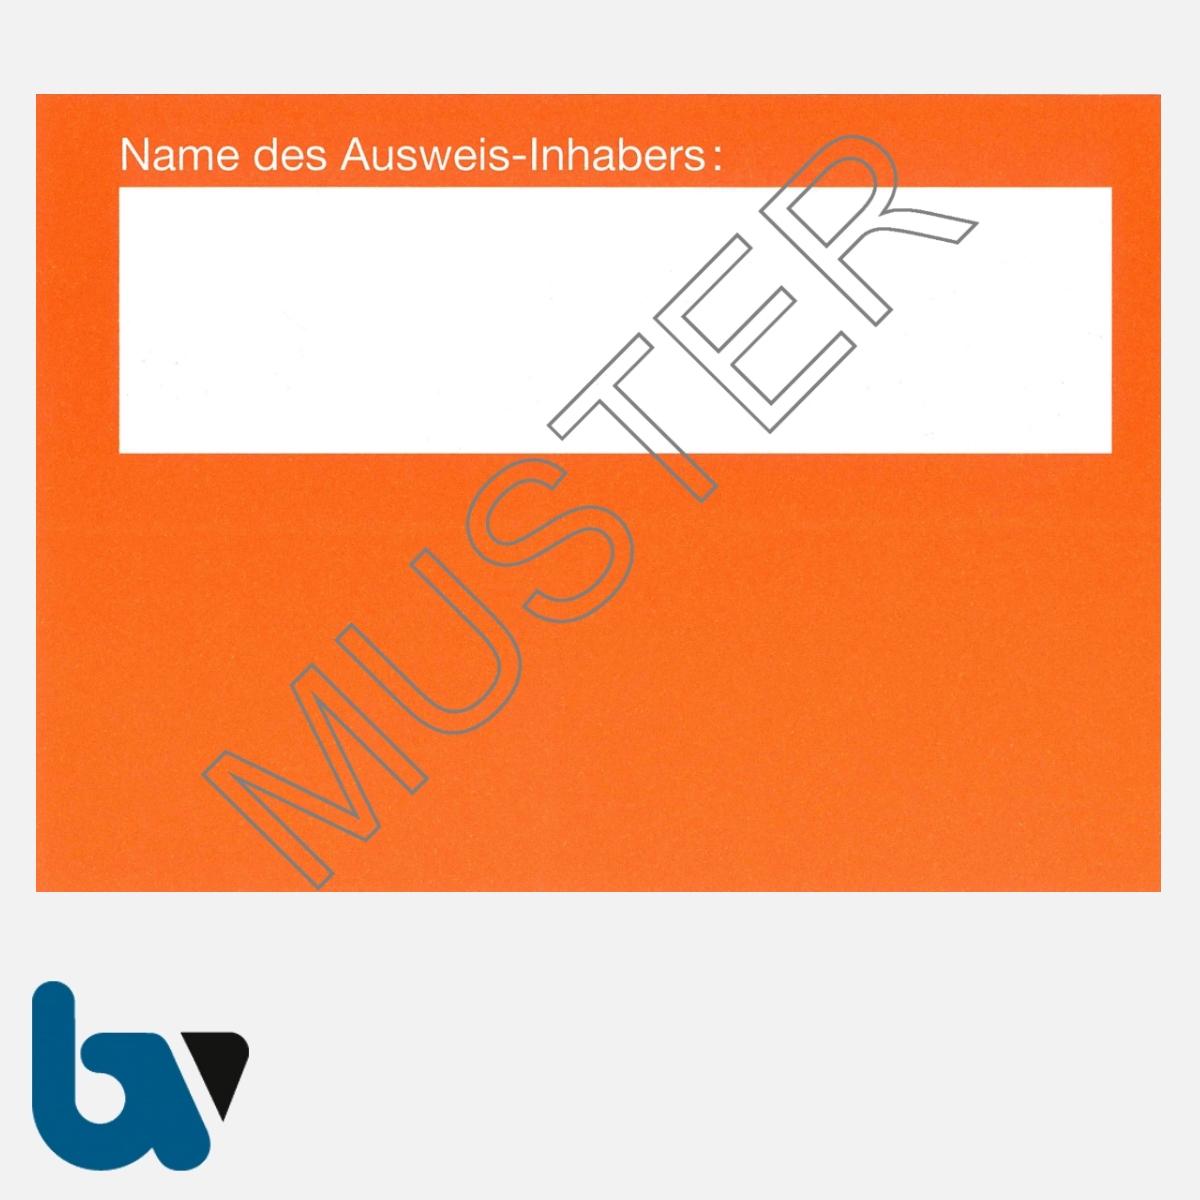 0/498-6 Ausnahmegenehmigung 46 Straßenverkehrsordnung StVO Befahren öffentliche Straßen Beschränkung Verbote orange DIN A6 Karton RS | Borgard Verlag GmbH